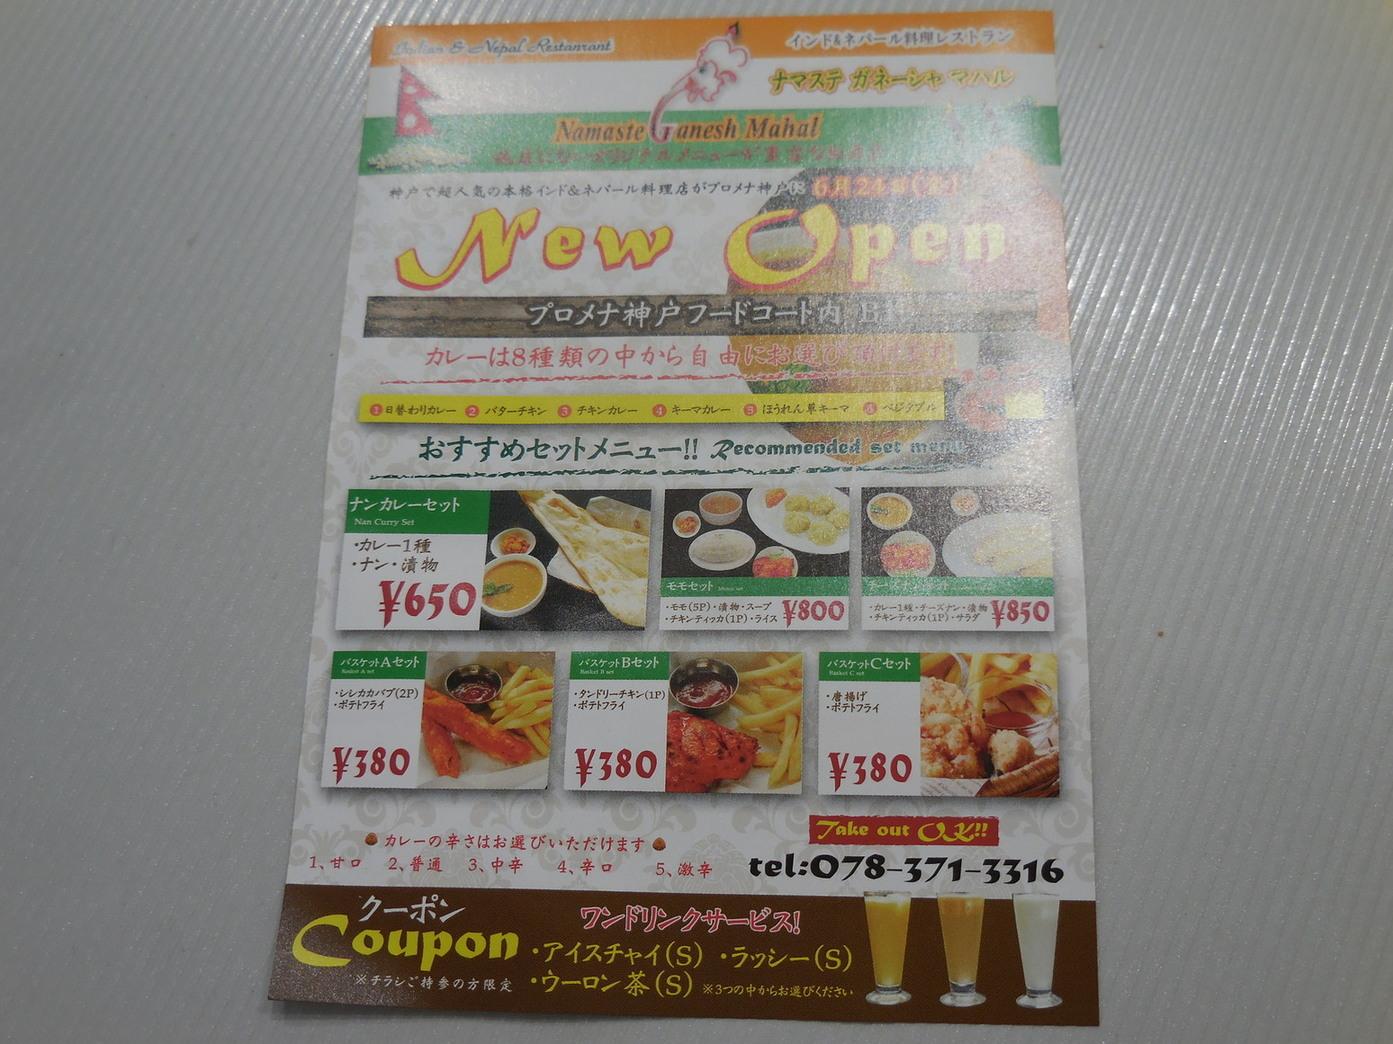 ナマステガネーシャマハル 神戸ハーバーランド店